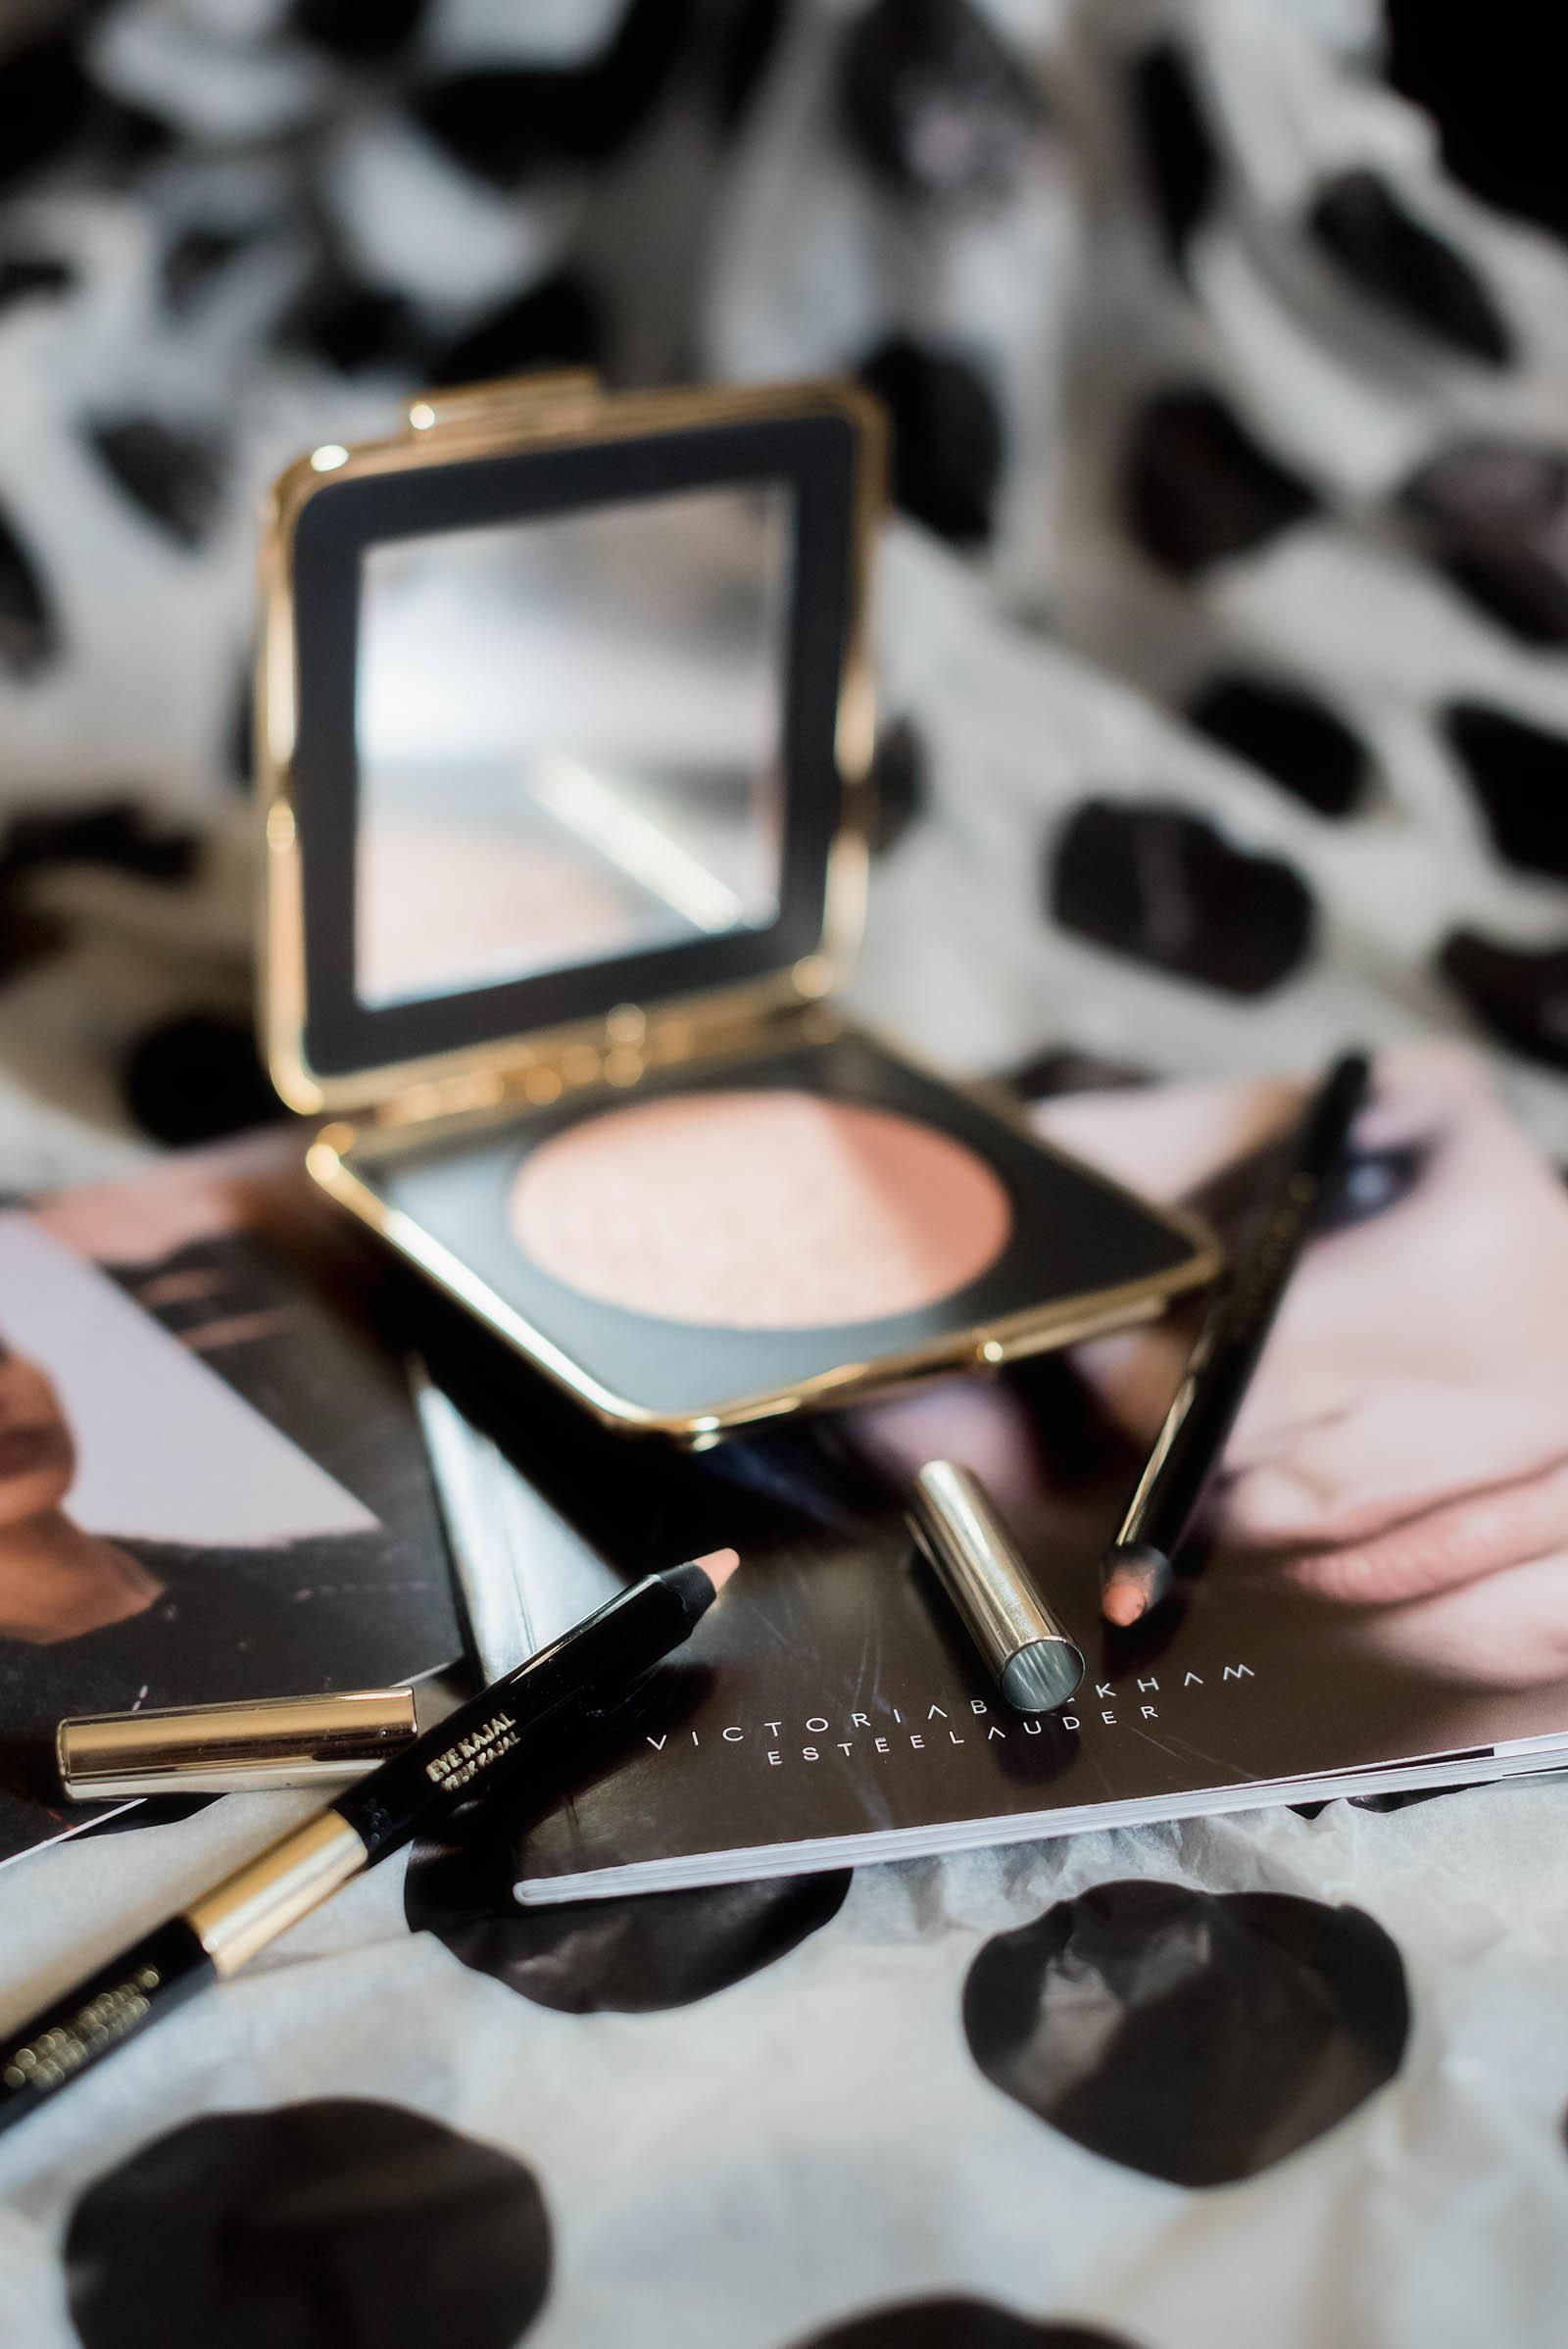 Victoria Beckham x Estée Lauder Limited Edition Collection